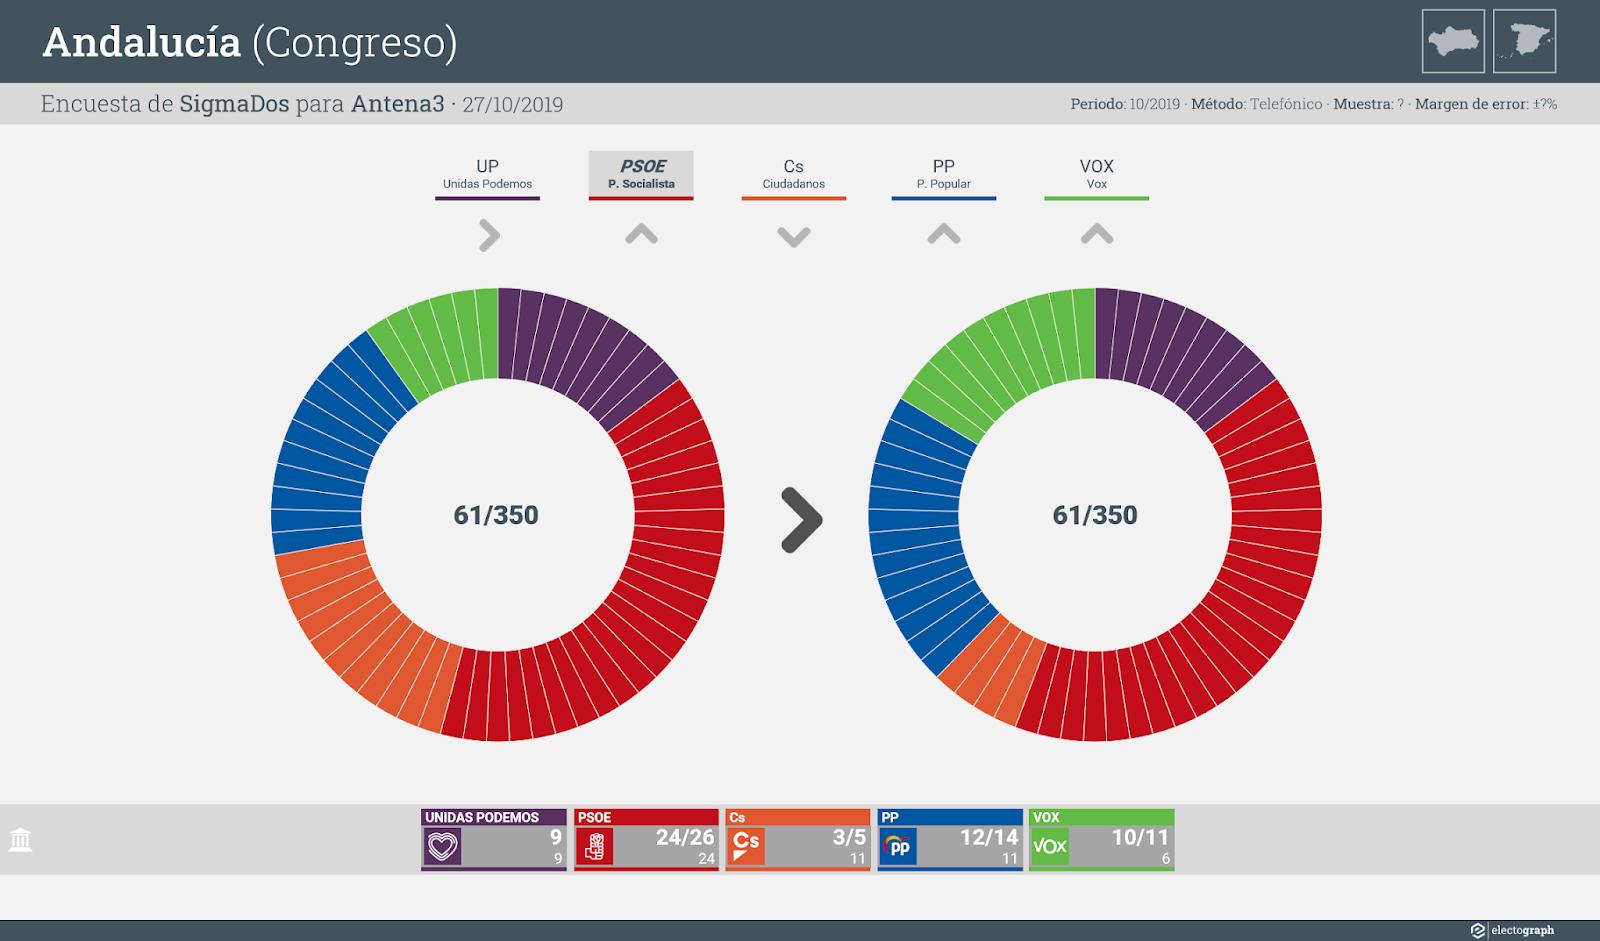 Gráfico de la encuesta para elecciones generales en Andalucía realizada por SigmaDos para Antena3, 27 de octubre de 2019